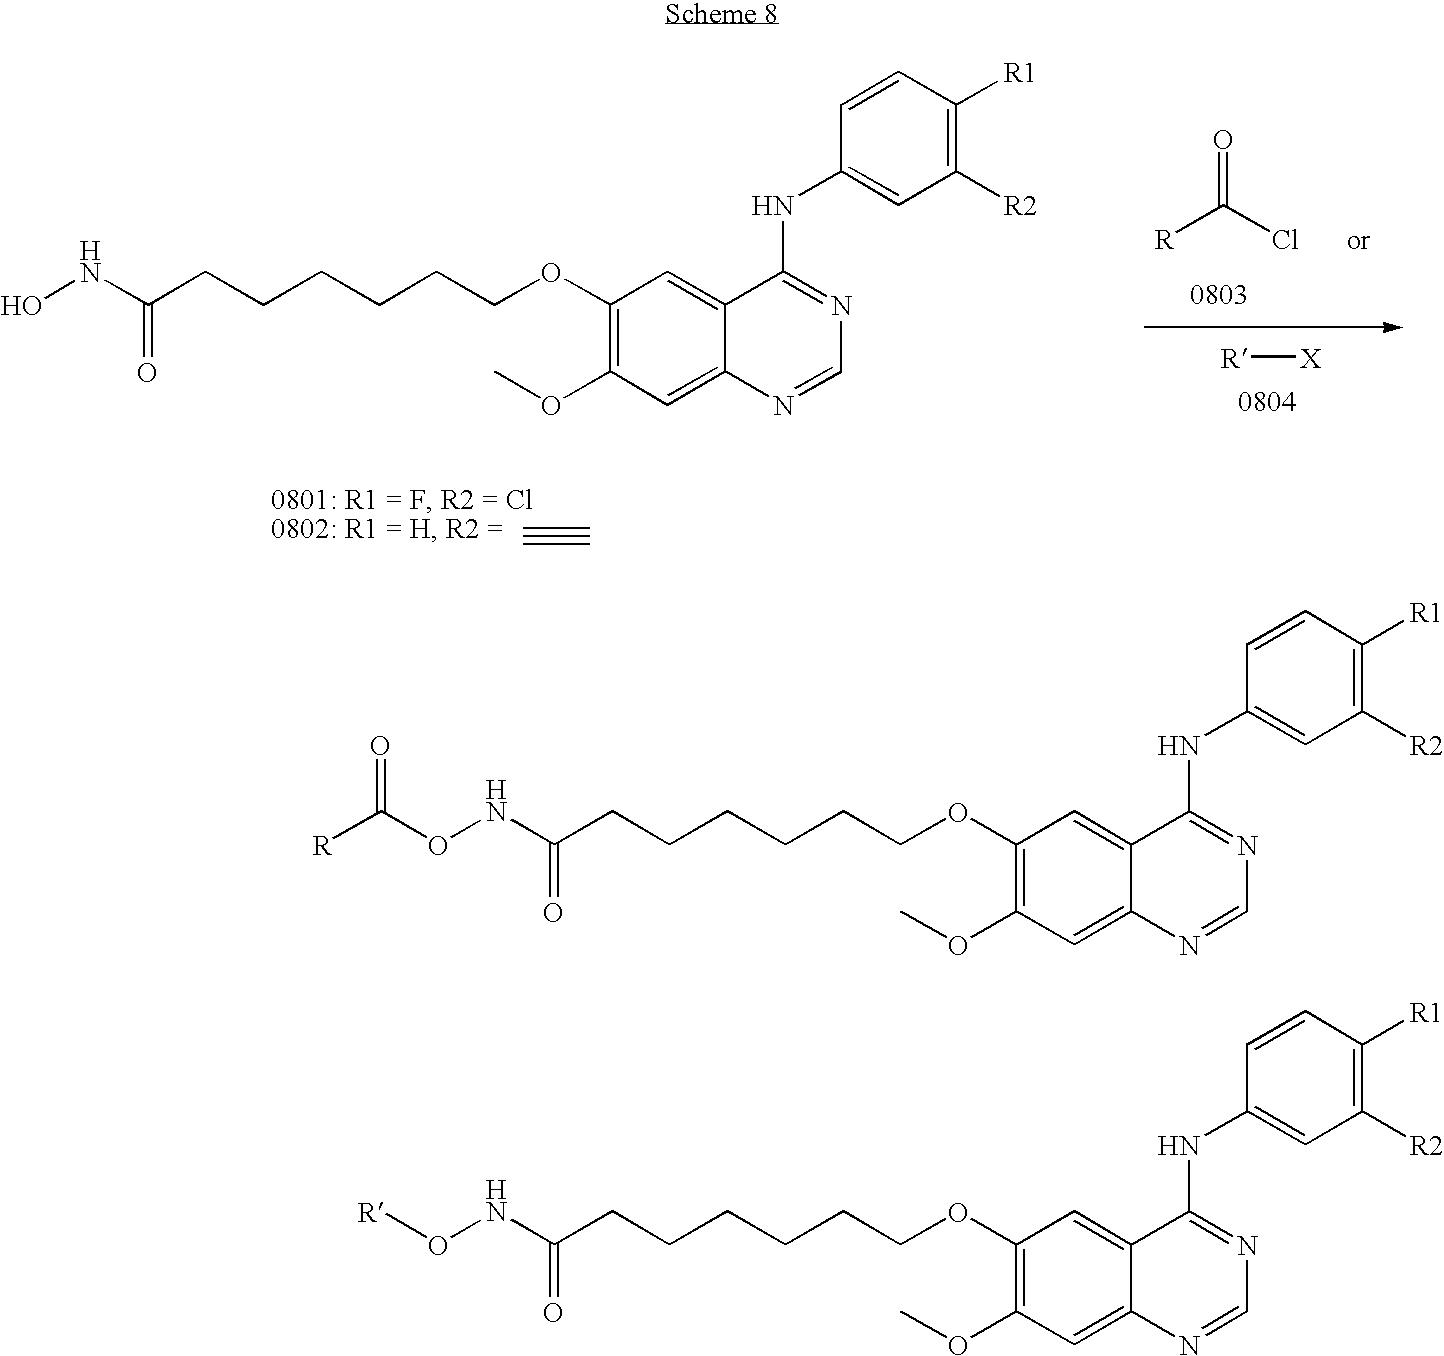 Figure US20090111772A1-20090430-C00230